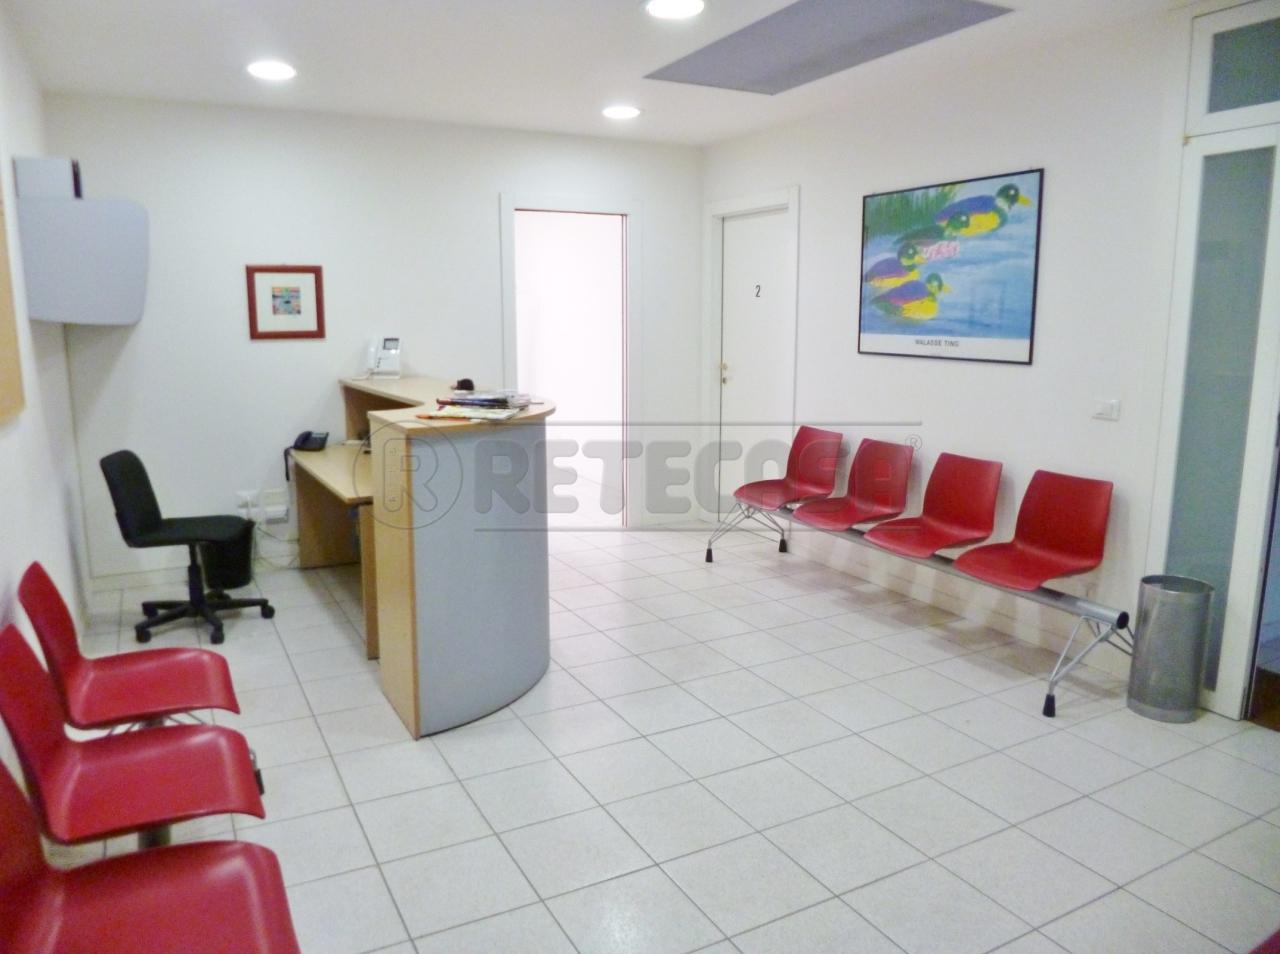 Ufficio / Studio in Vendita a Montebello Vicentino